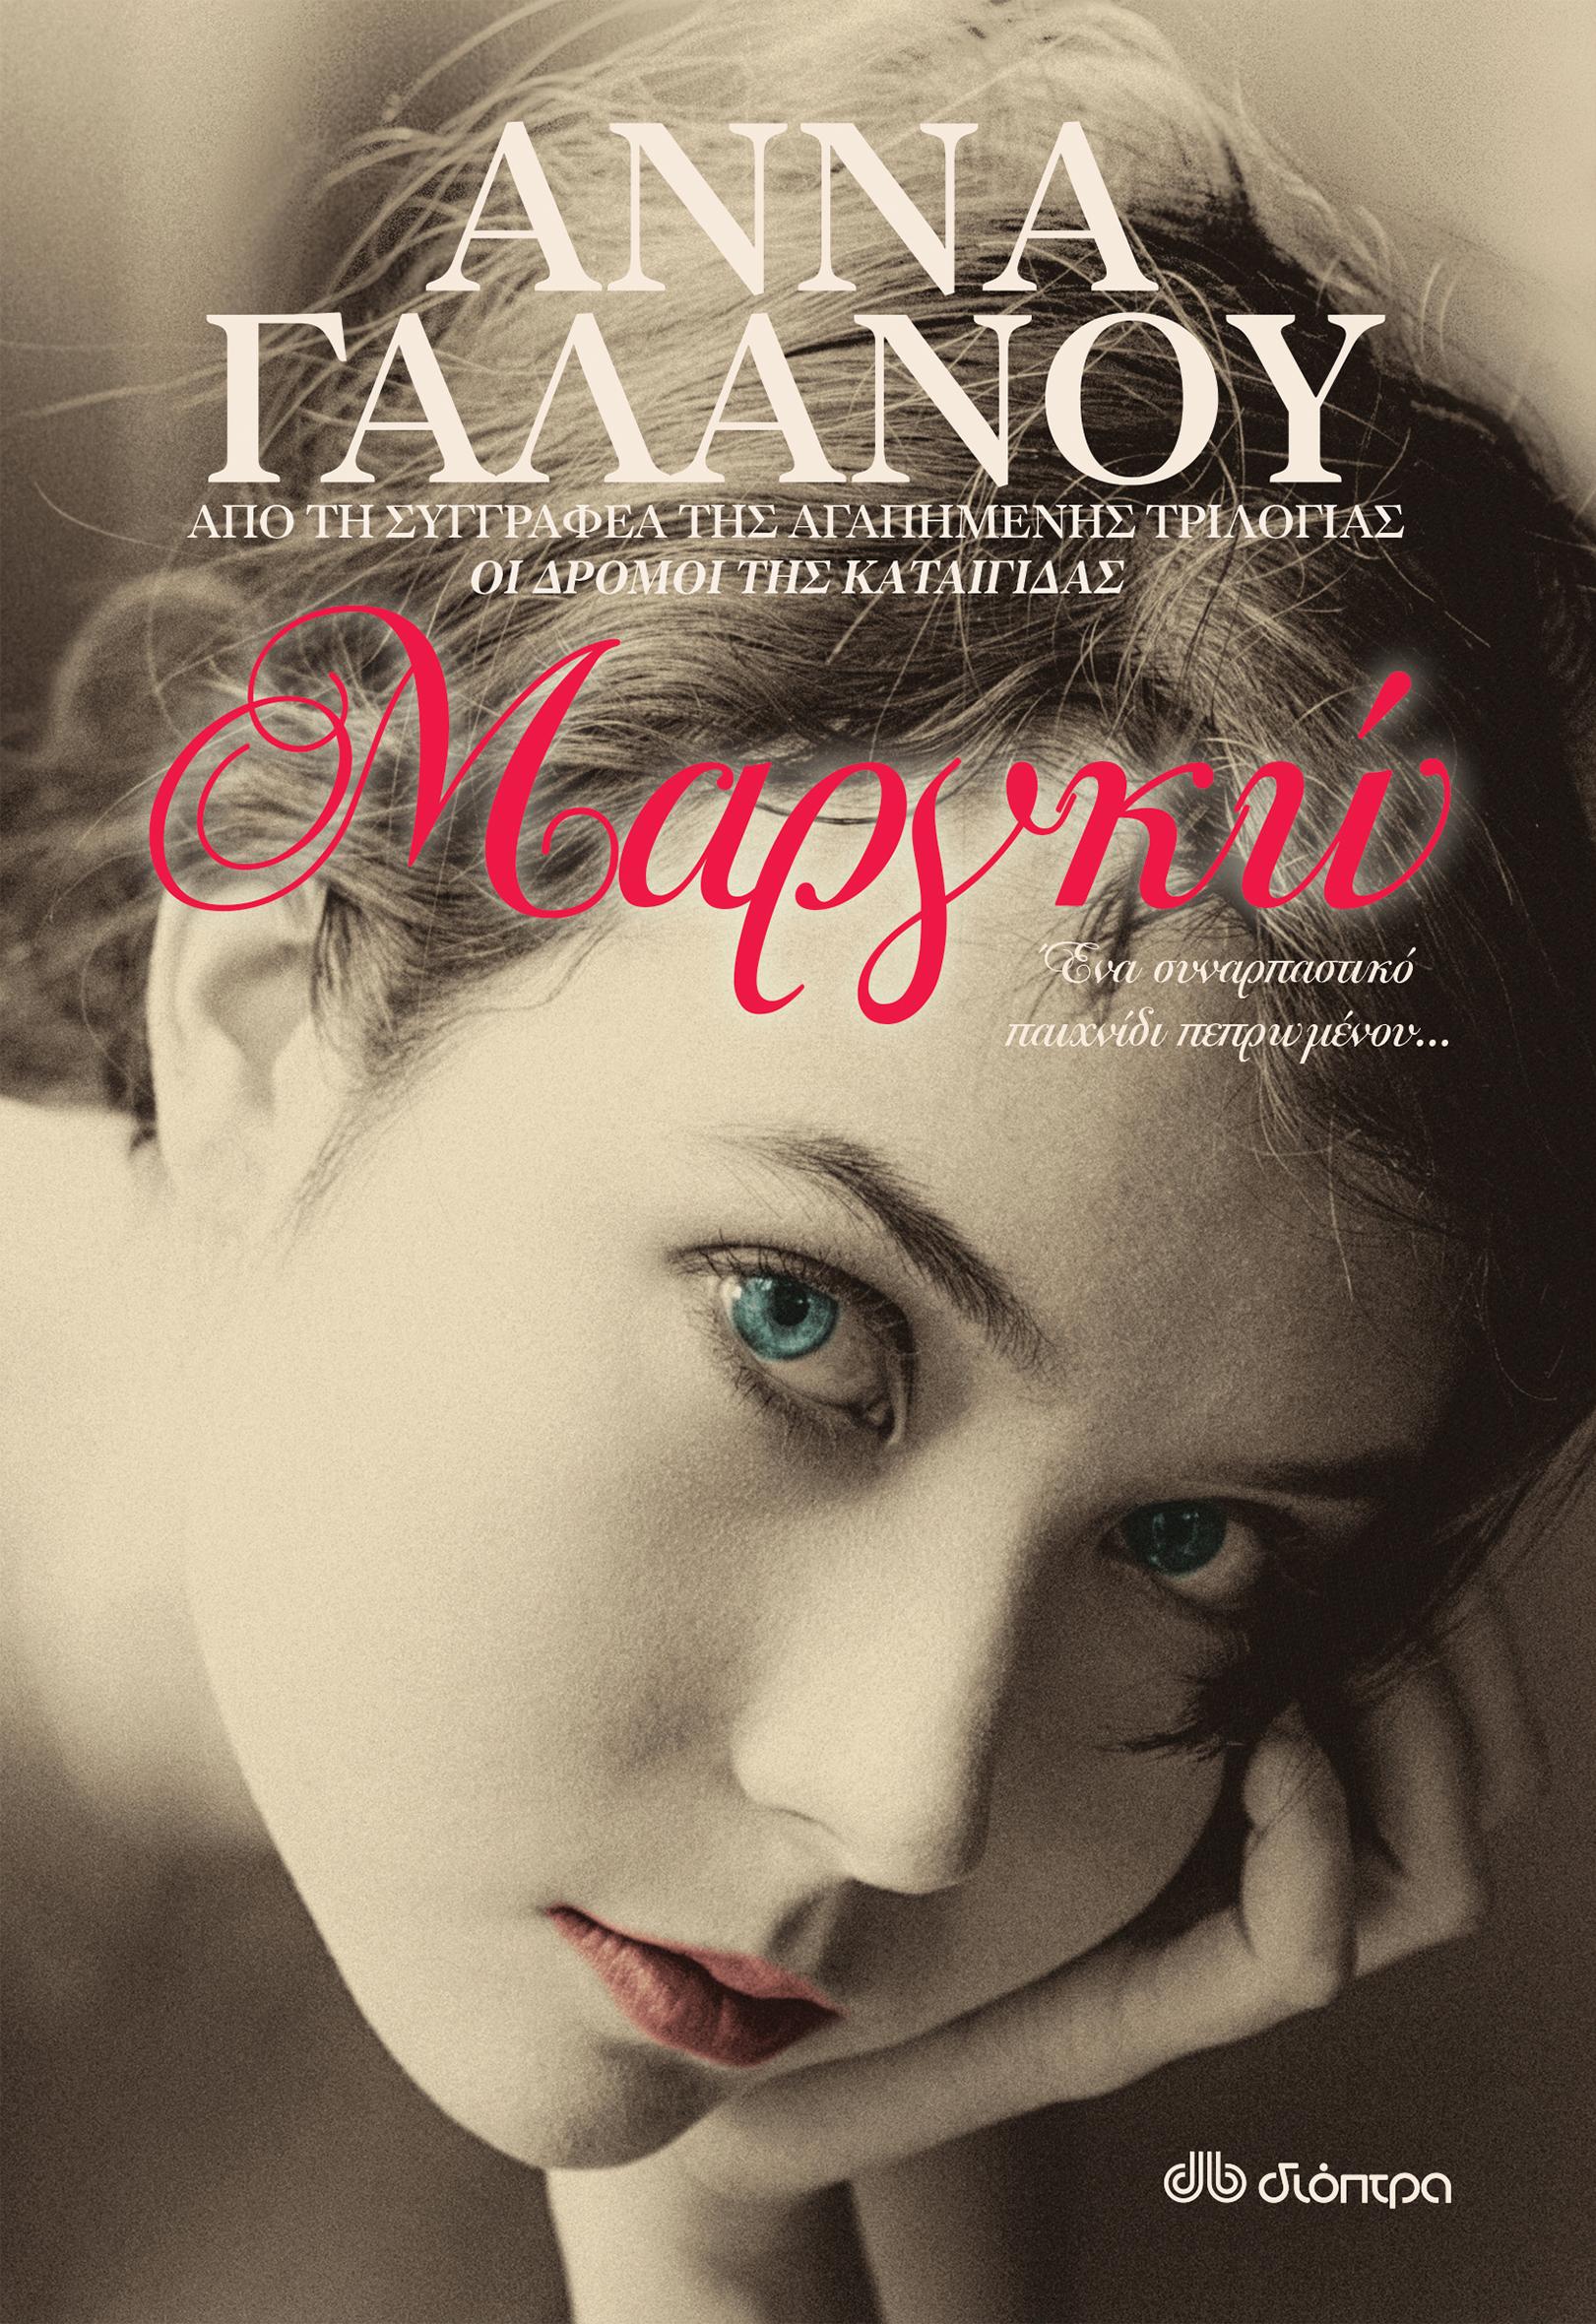 Βιβλίο, Μαργκώ, Άννα Γαλανού - Dioptra.gr